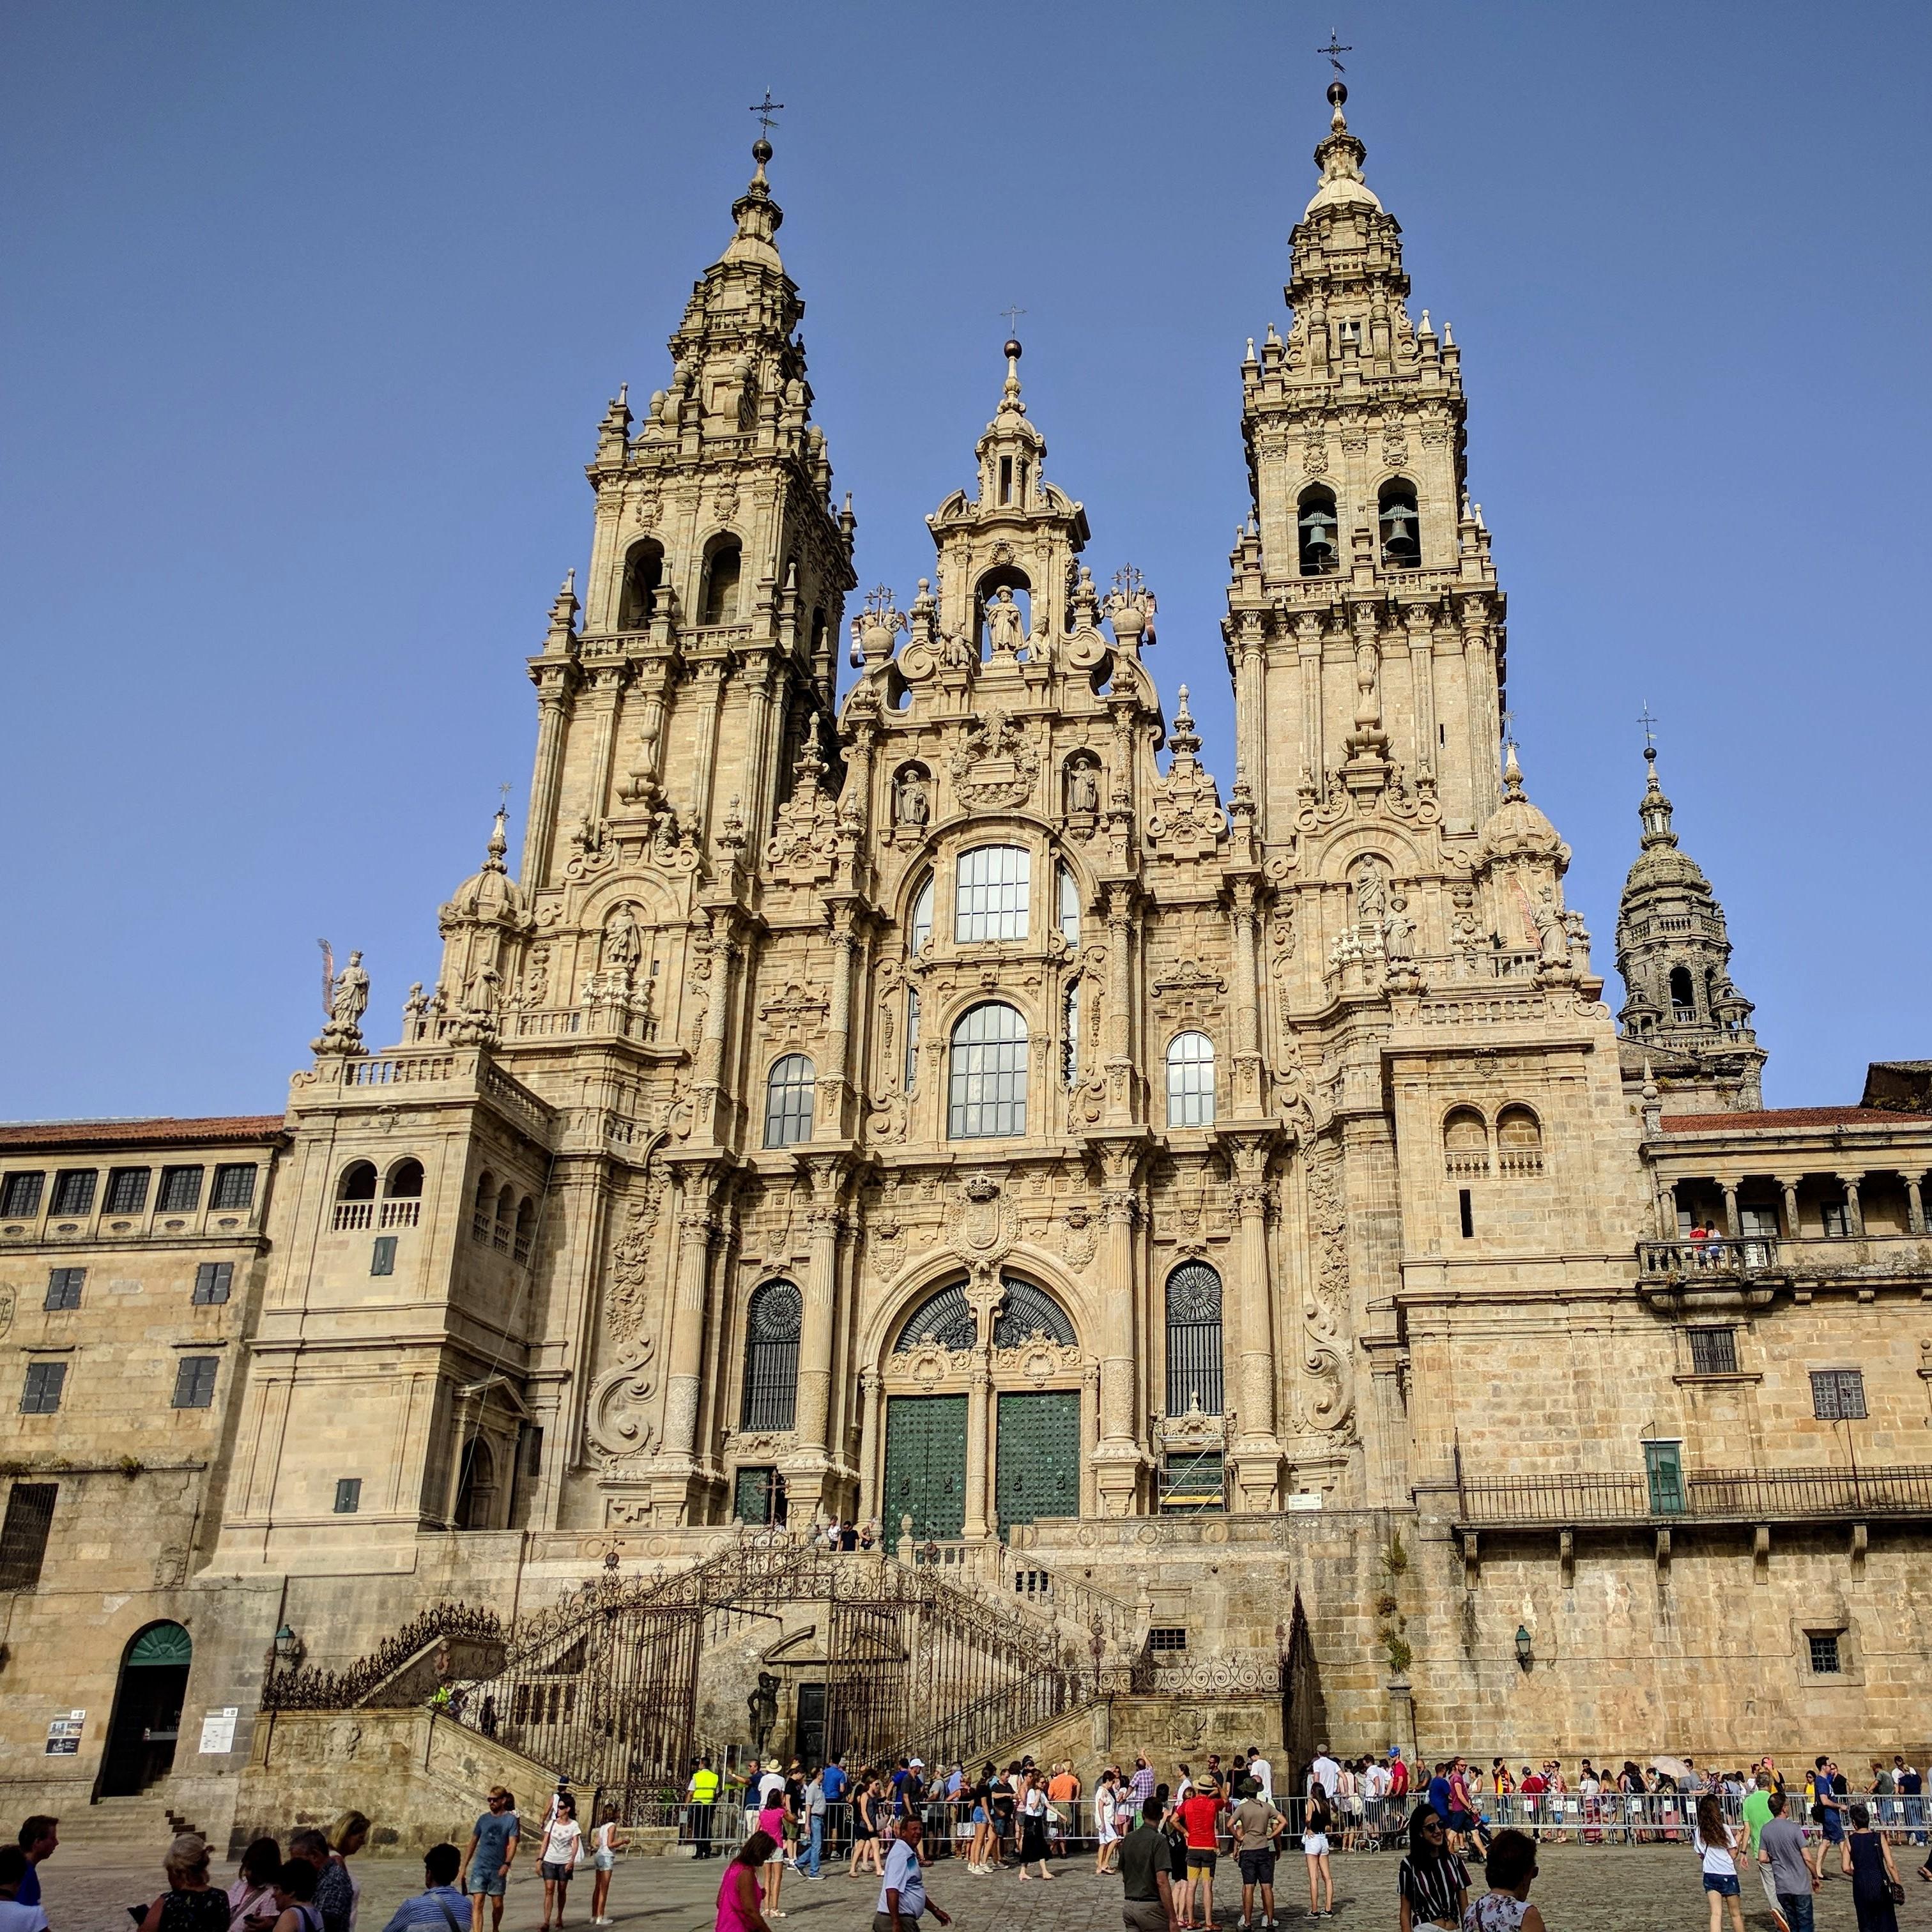 Catedral_de_Santiago_de_Compostela_agosto_2018_(cropped)